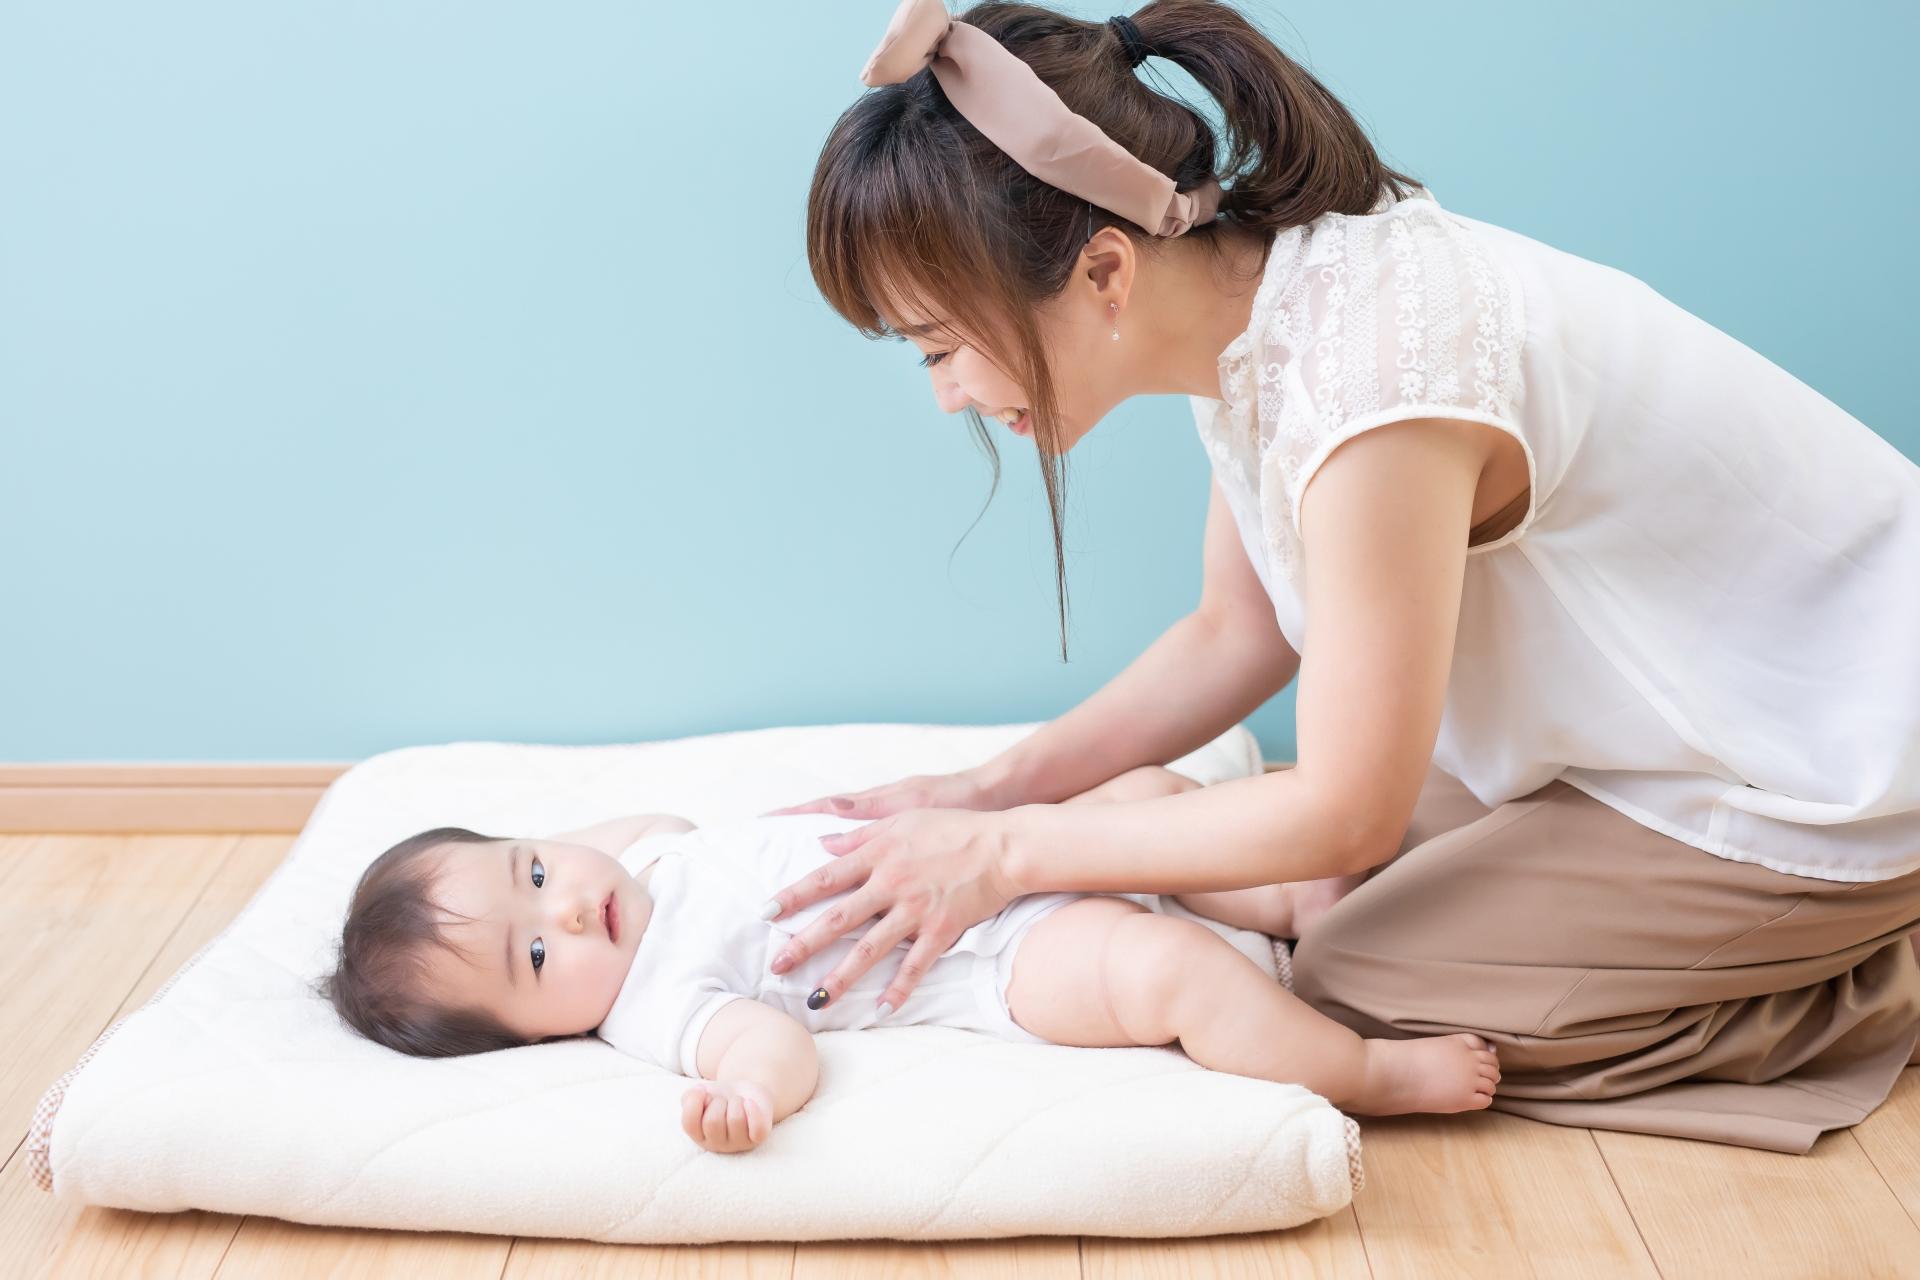 赤ちゃんの寝かしつけの方法は?有効なグッズやアイデア・コツを解説